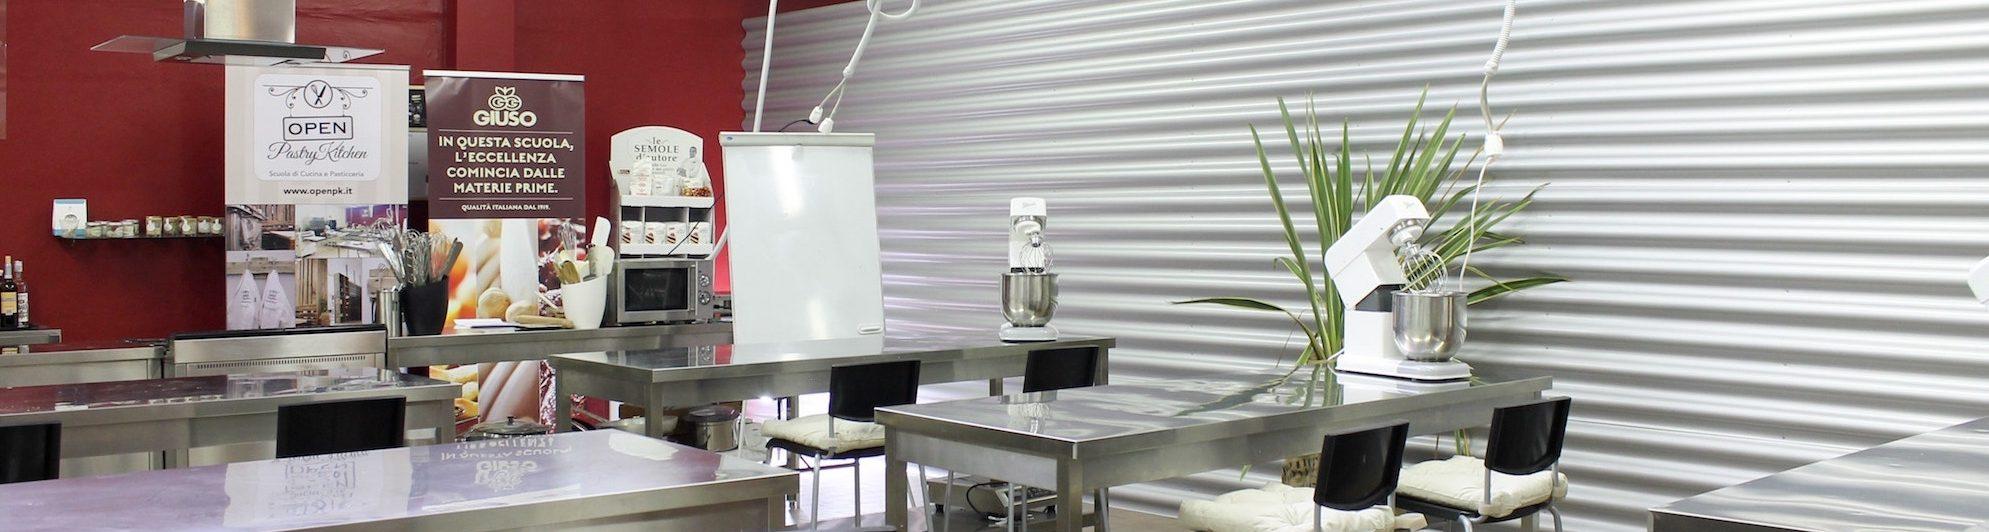 Corsi di cucina e pasticceria- open pastry kitchen- laboratorio